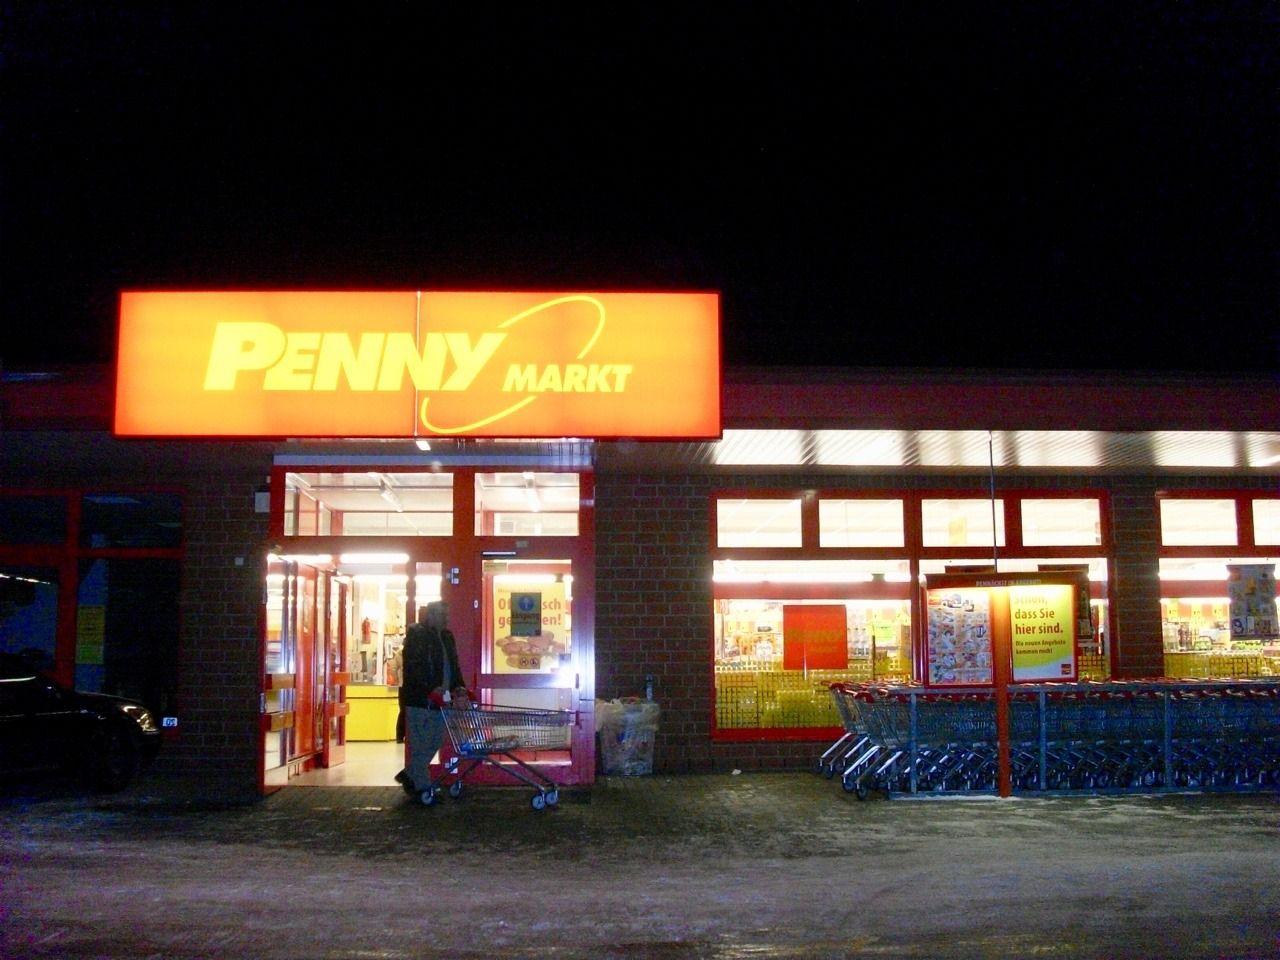 A Penny Supermarket In Salzgitter Nordrhein Westfalen Penny Aka Penny Market Or Penny Markt Is A German Discount Sup In 2020 Salzgitter Nordrhein Westfalen Supermarkt